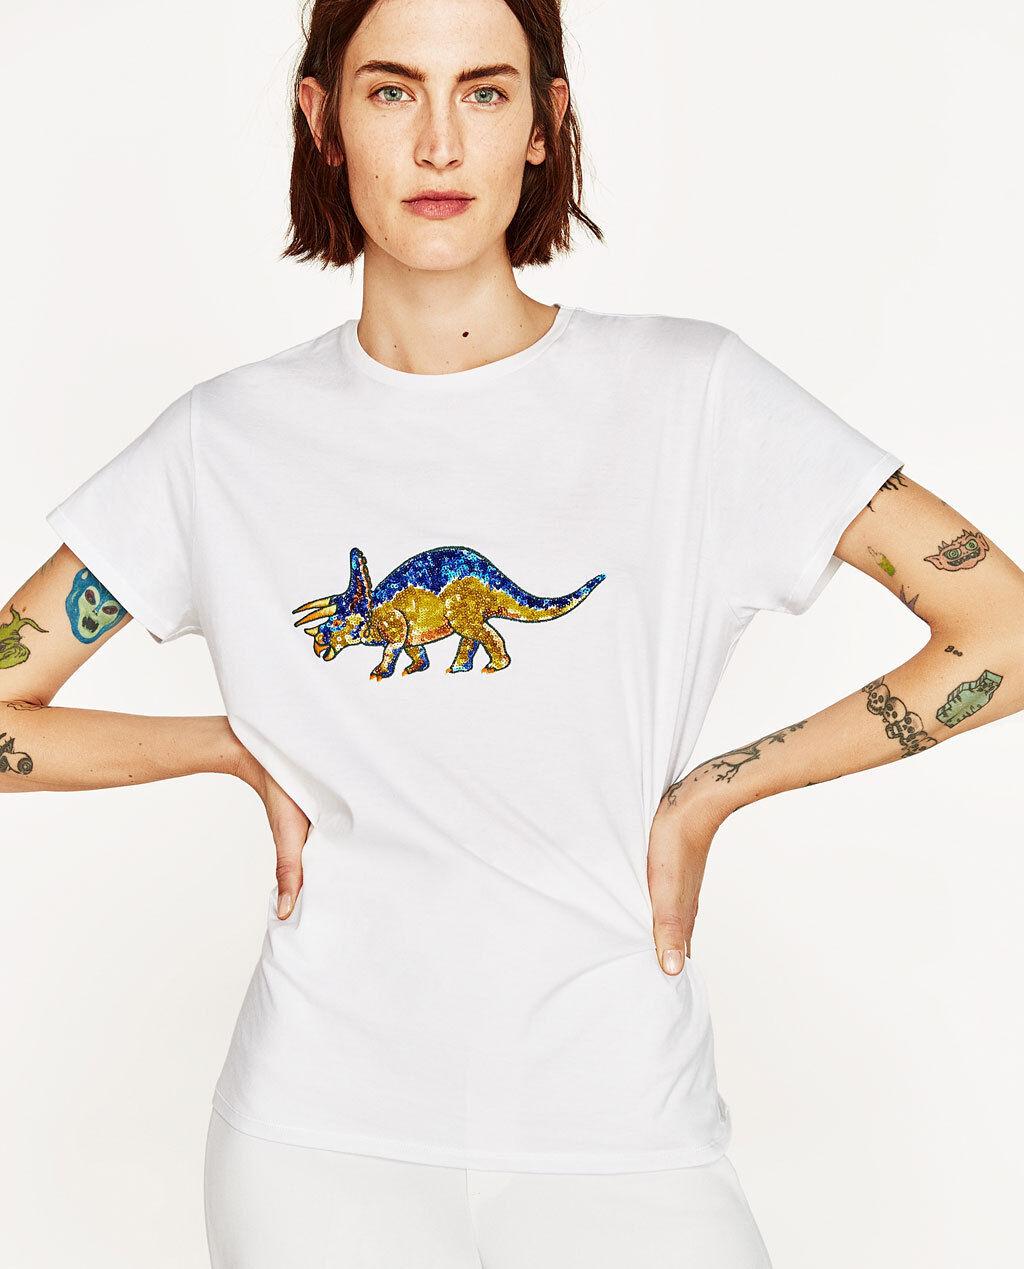 ZARA Dinosaur Applique Short Sleeve T-Shirt